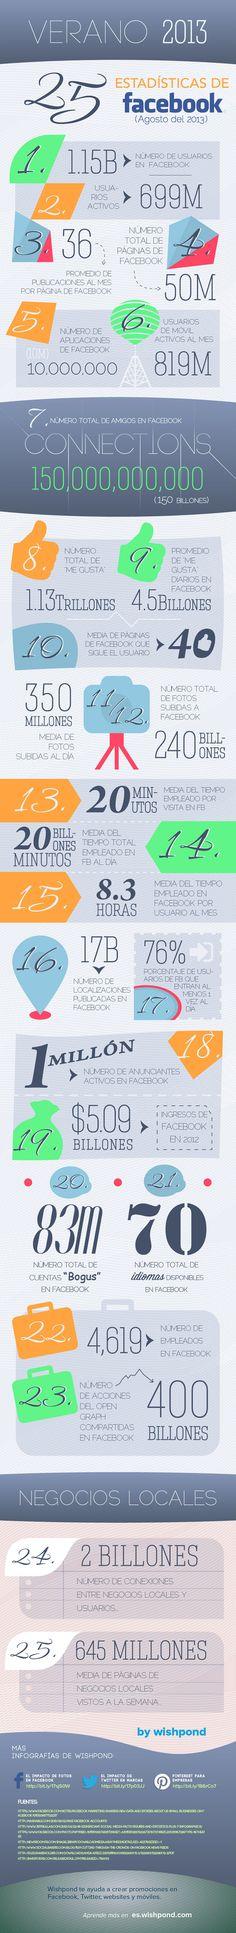 #Infografía sobre las 25 estadísticas de #Facebook ( Agosto 2013)